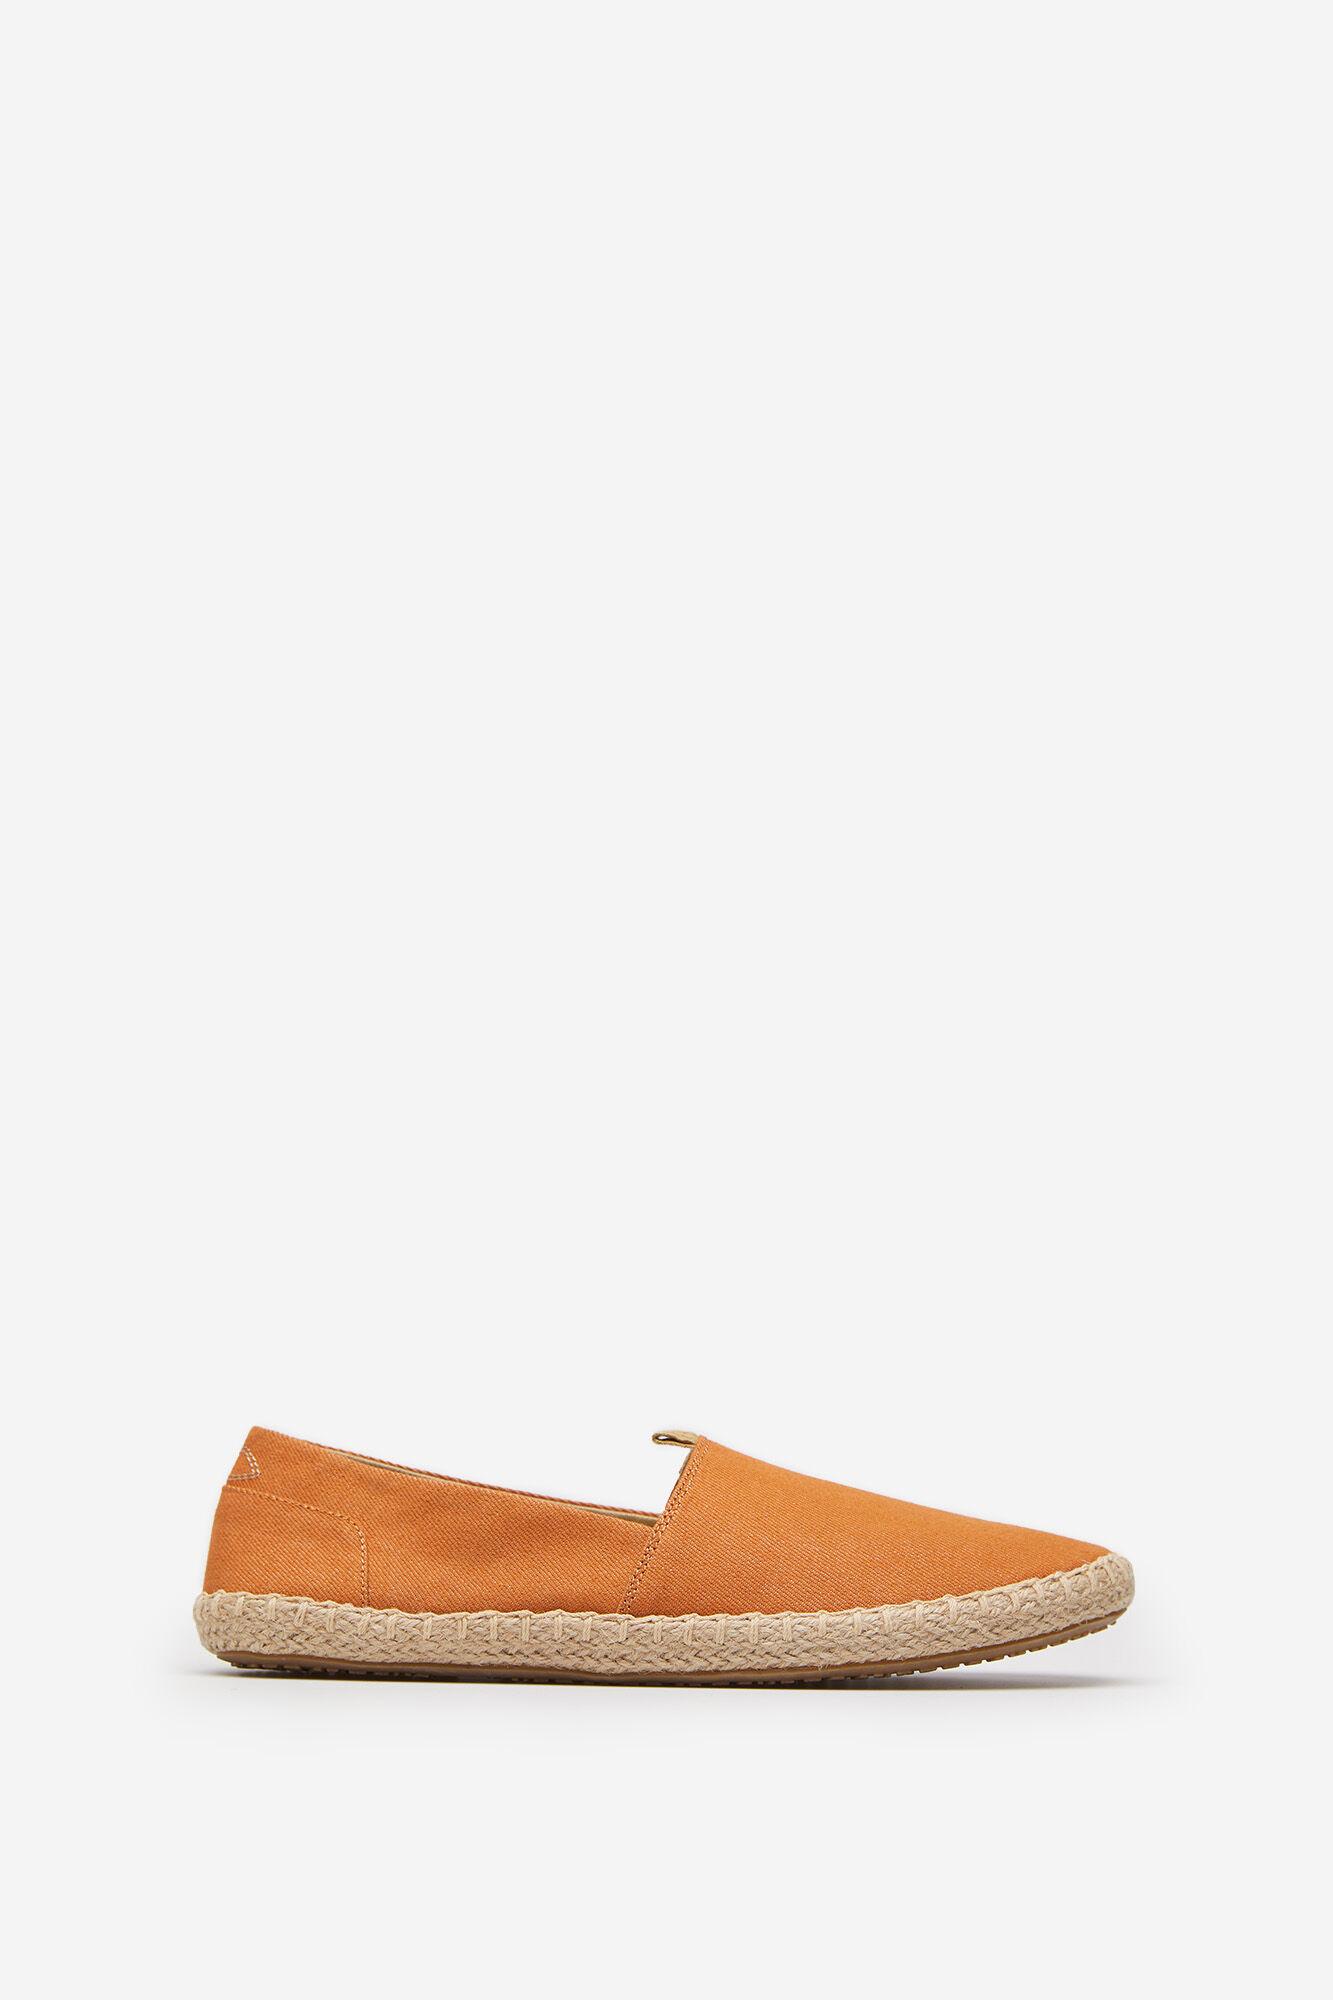 HombreSpringfield Zapatos HombreSpringfield De De HombreSpringfield De Zapatos Zapatos HombreSpringfield De Zapatos R354LjA